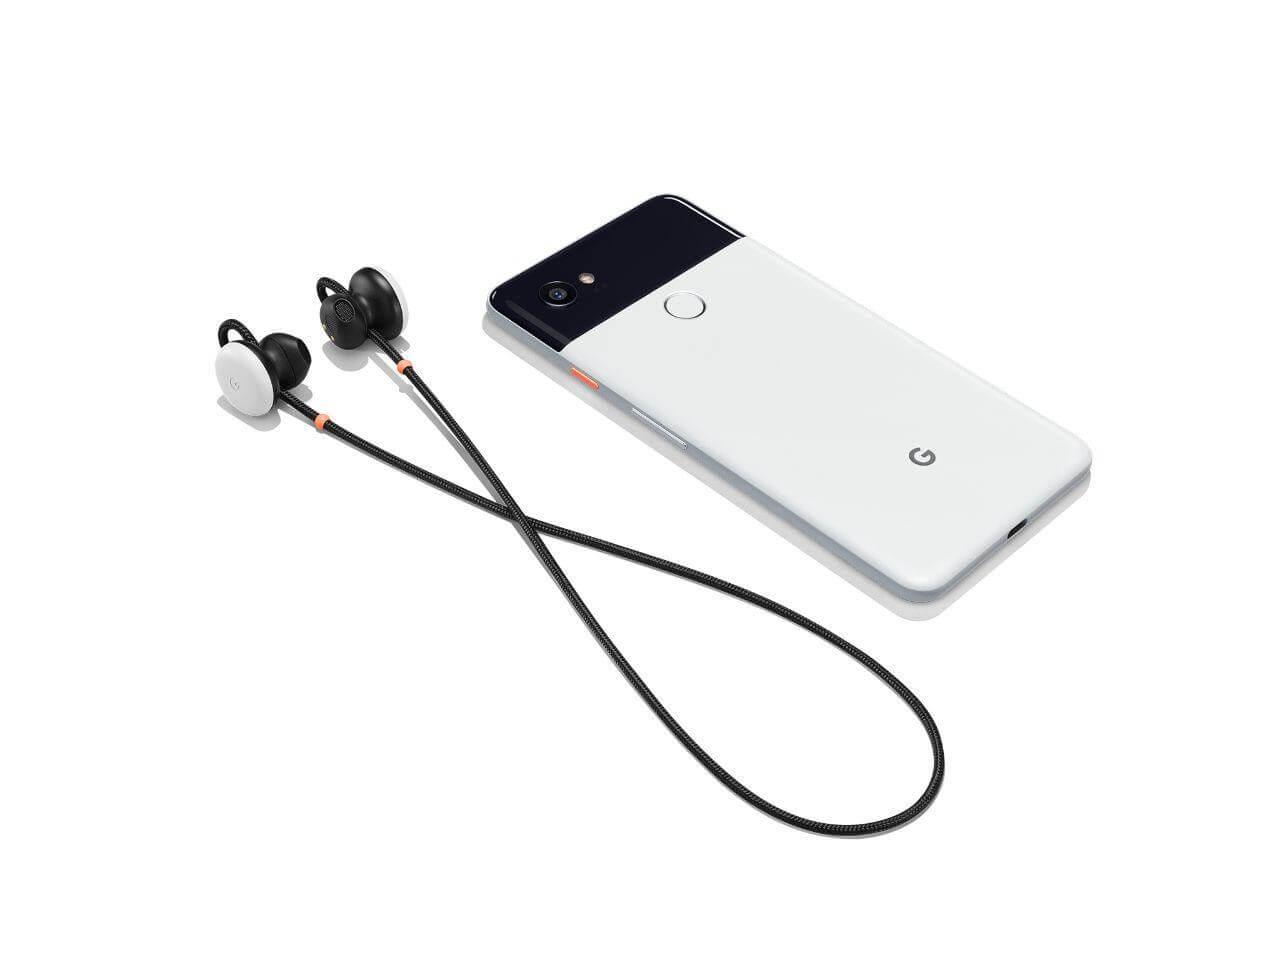 PixelBuds Pixel2XL - Google anuncia Pixel 2 e Pixel 2 XL; confira os detalhes